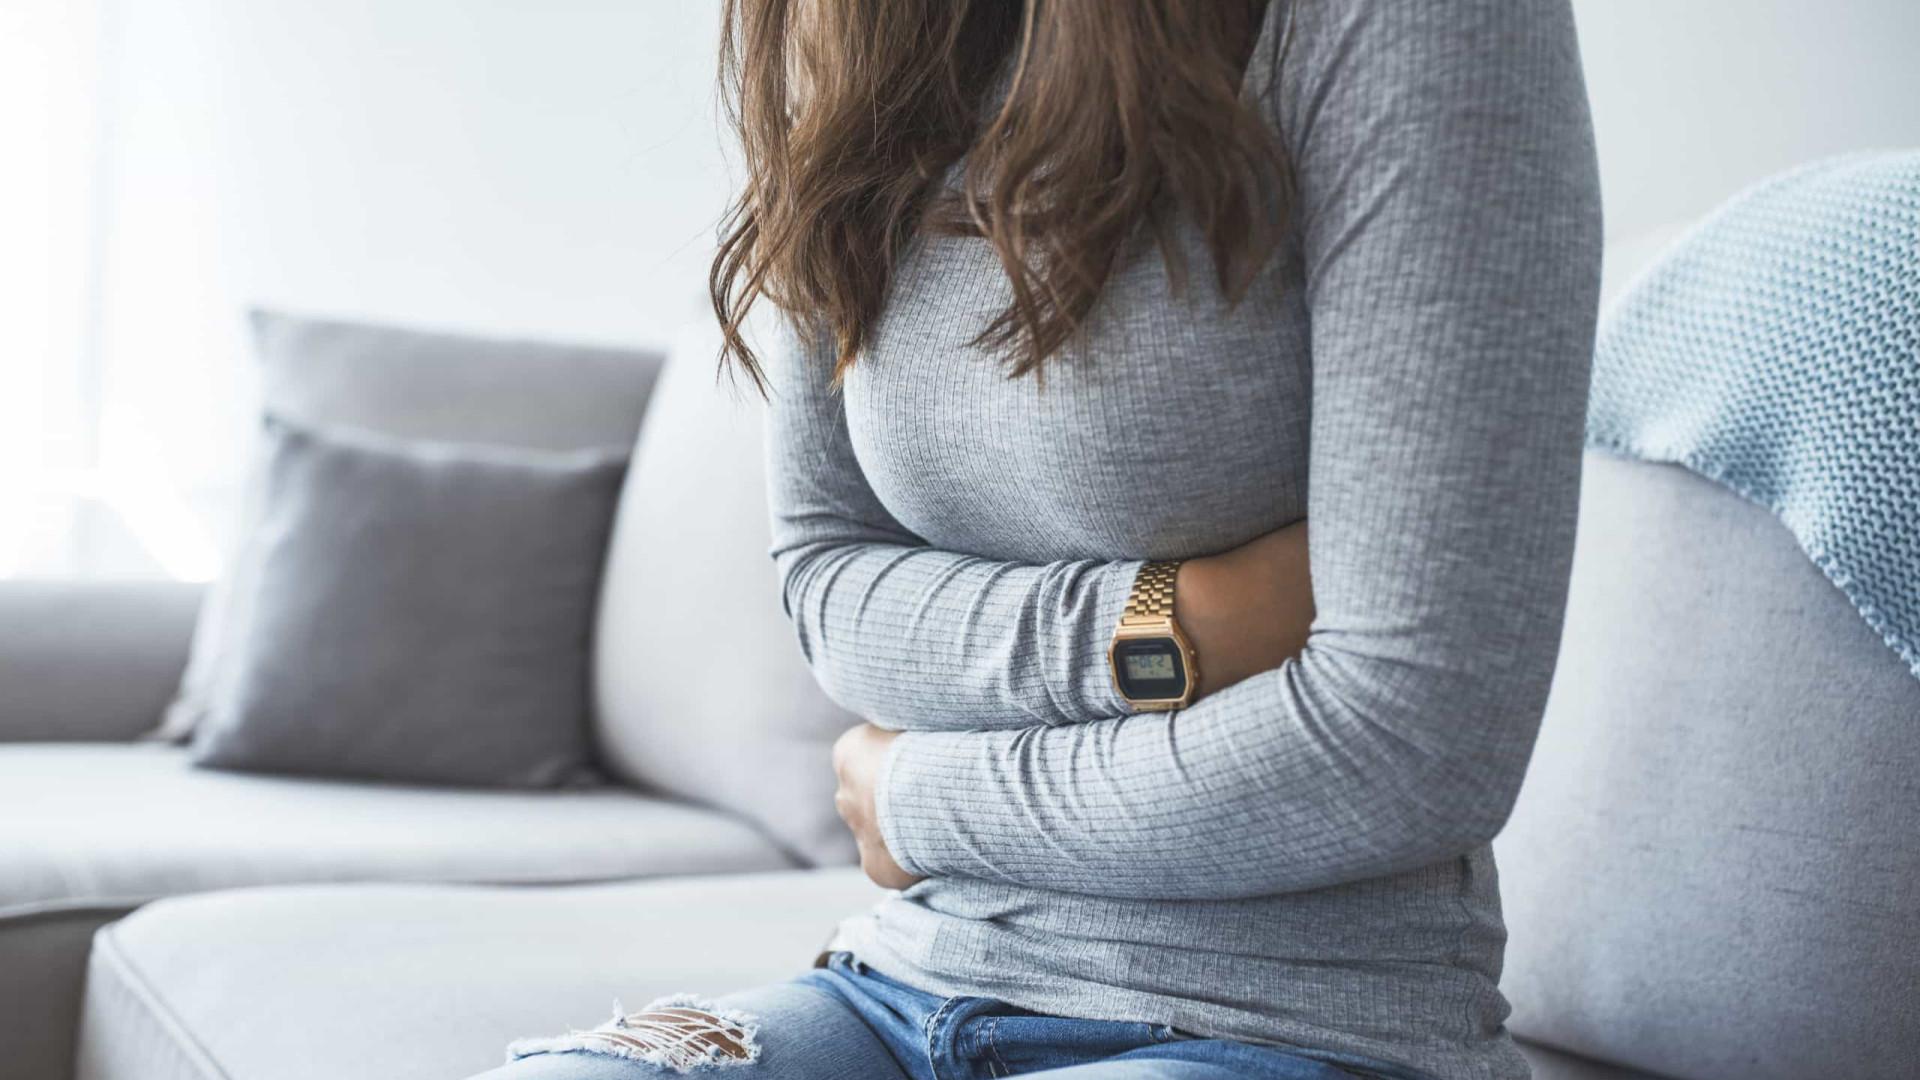 Estudo global diz que 4 em 10 adultos têm um distúrbio gastrointestinal